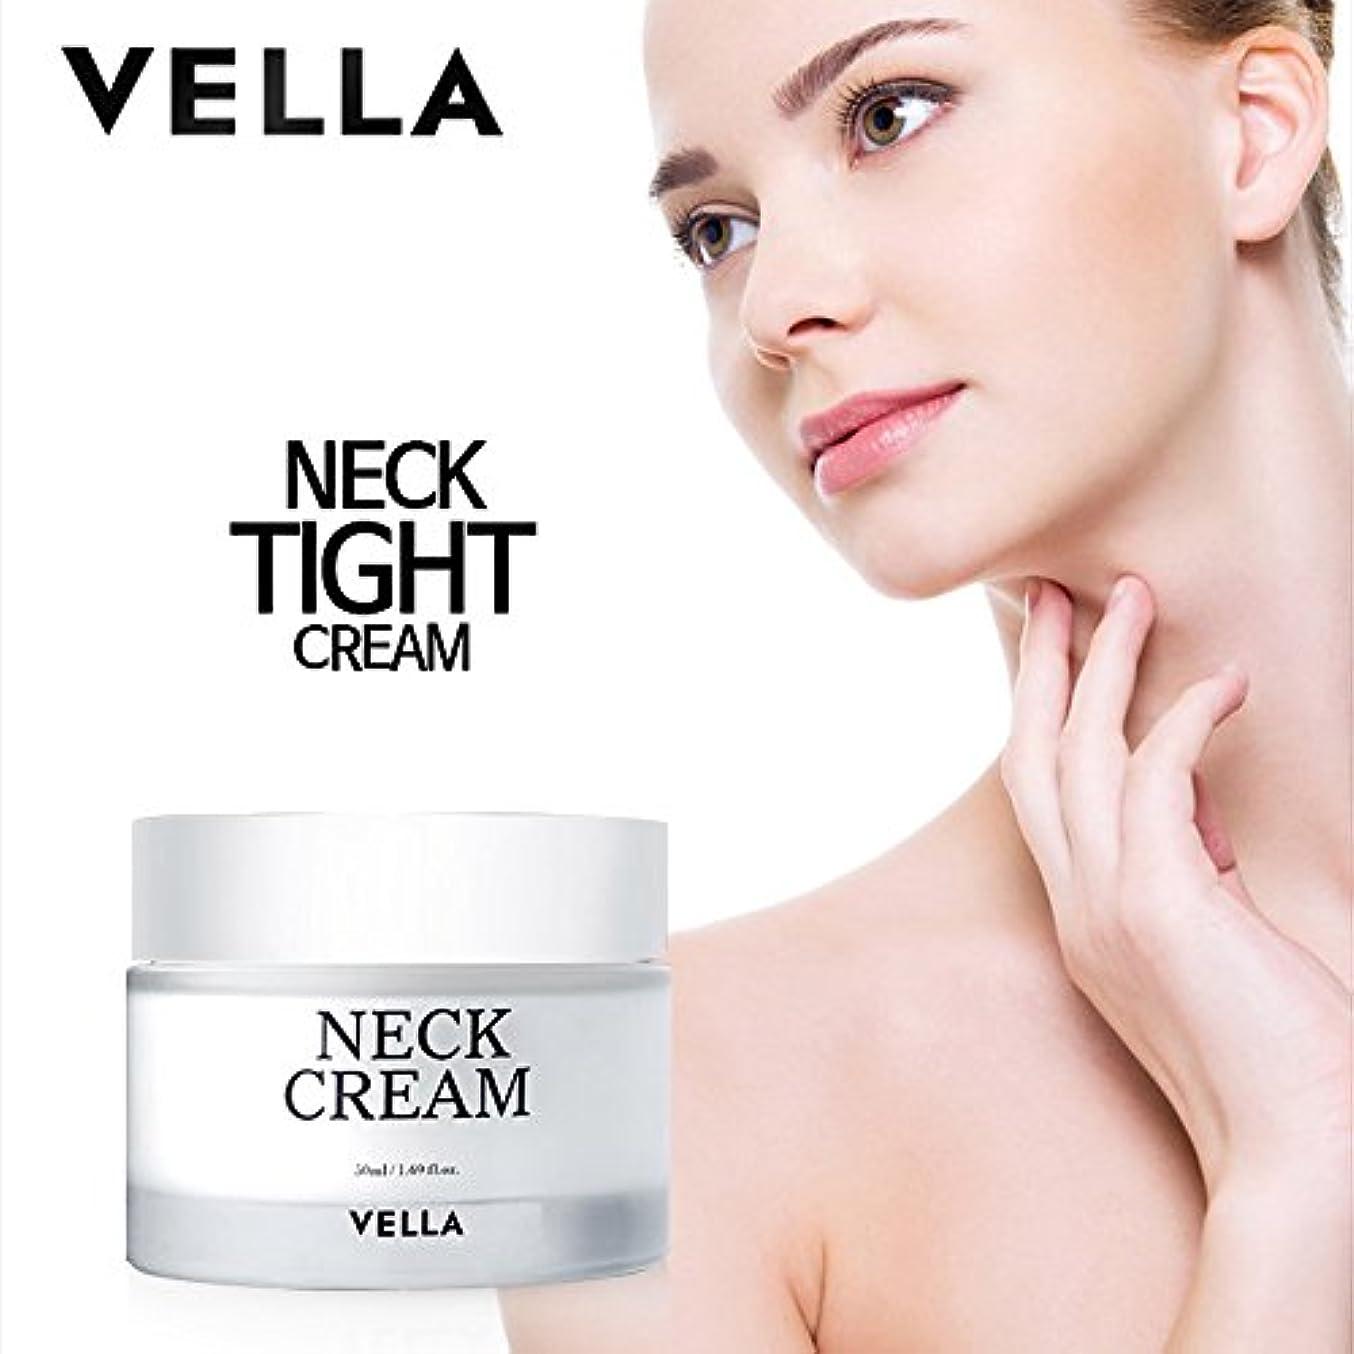 スツールデンマーク留まるVELLA Anti Wrinkle & Whitening Strong Neck Cream(体がキレイvella首専用のクリーム) 50ml [並行輸入品]